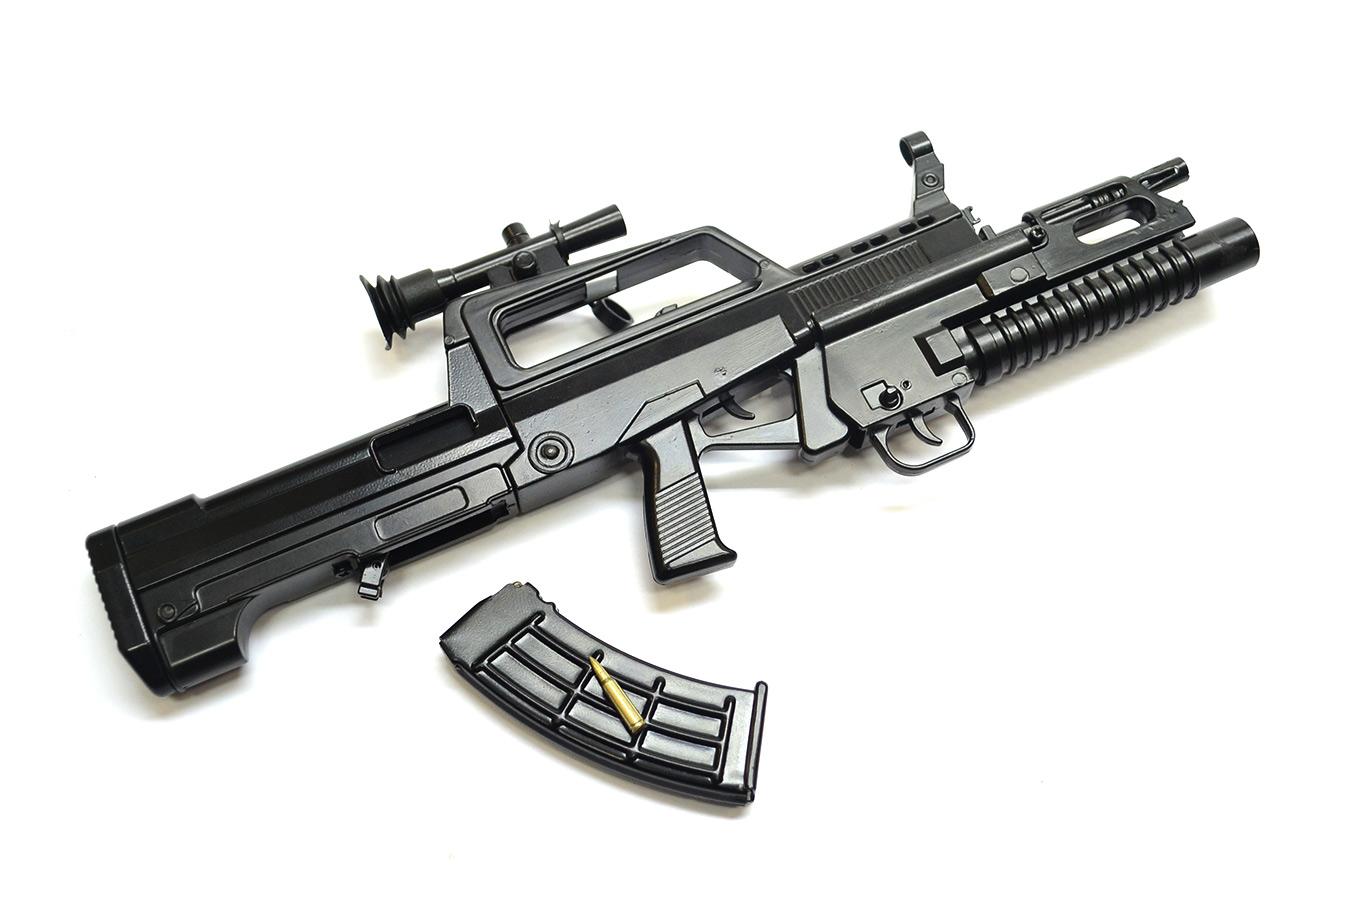 QBZ-95 / Type 95 изображение 1